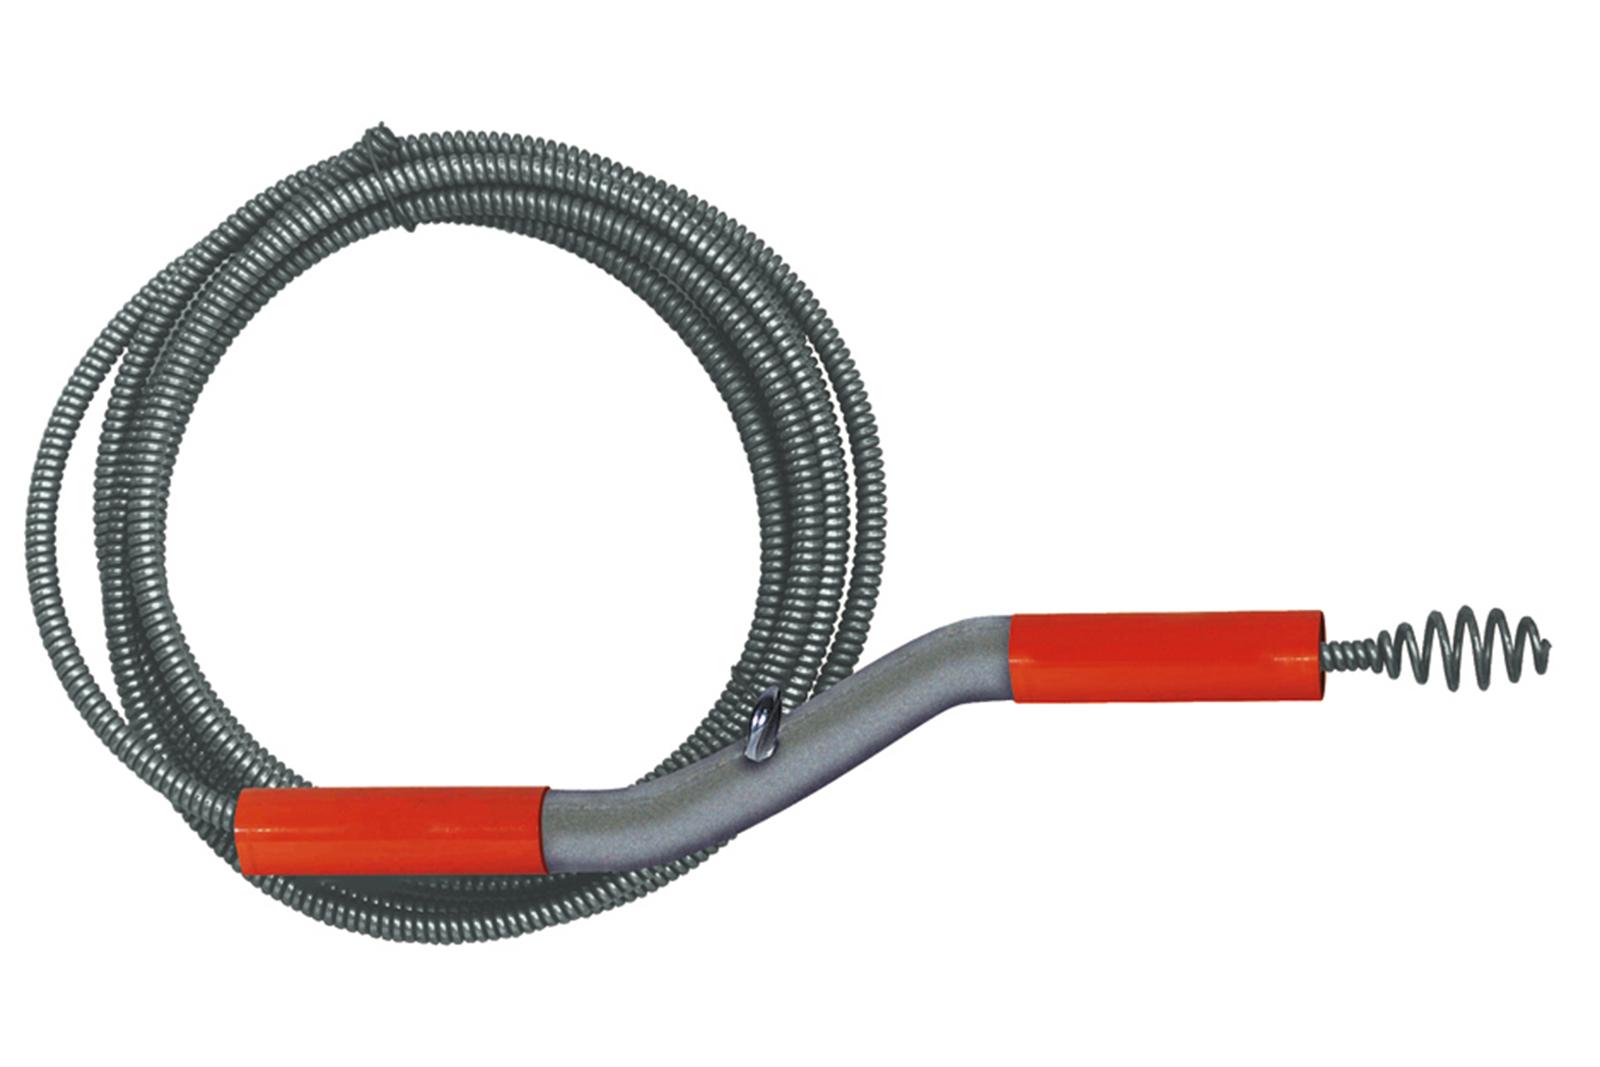 Трос для прочистки General pipe 15fl1-ddh  - Купить